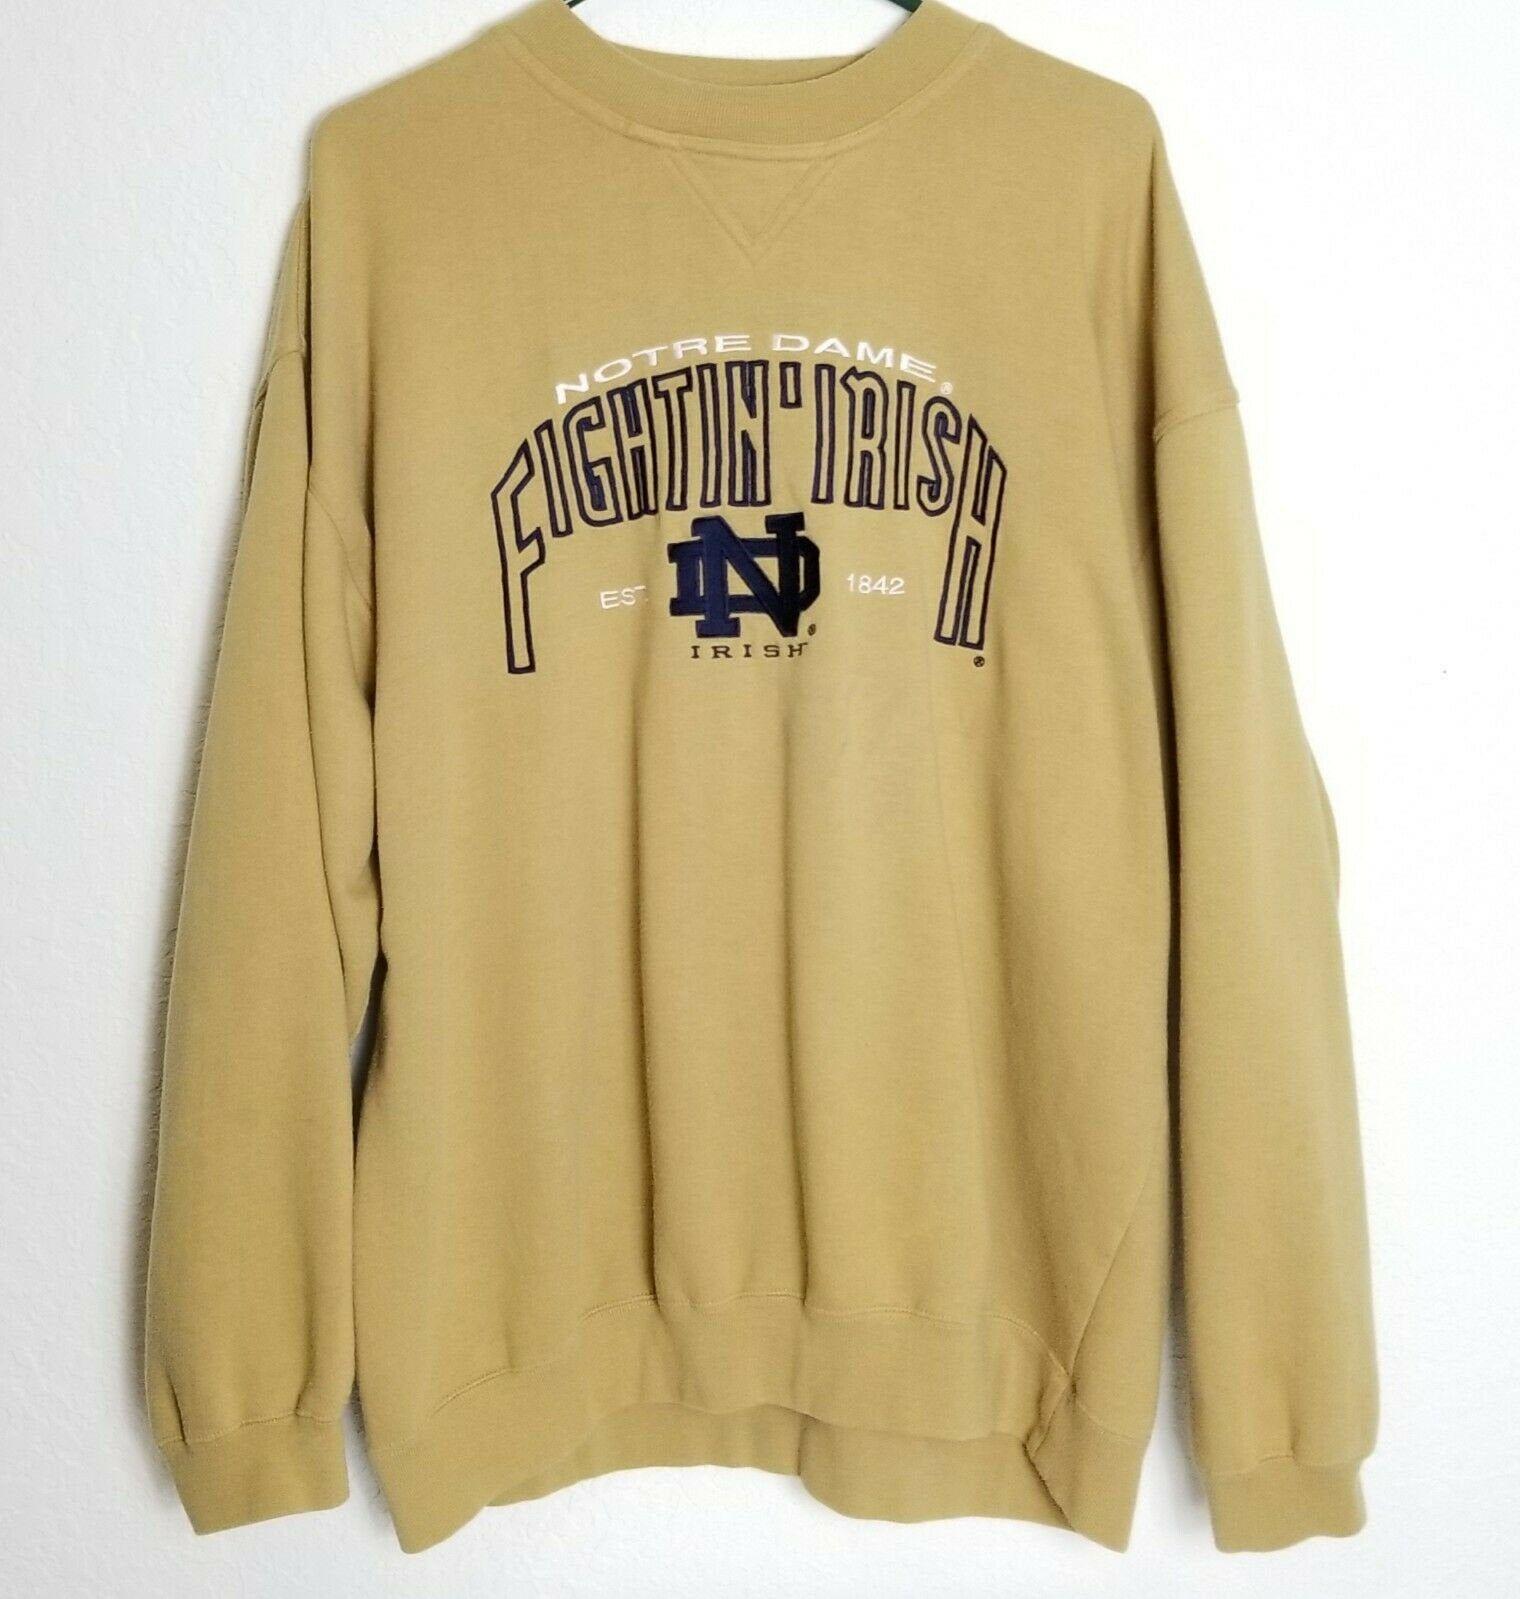 Vintage Notre Dame Fightin Irish Embroidered Sweatshirt Xl Gold Nutmeg Mills By Myvintagewalk On Etsy Embroidered Sweatshirts Sweatshirts Notre Dame Sweatshirt [ 1599 x 1520 Pixel ]